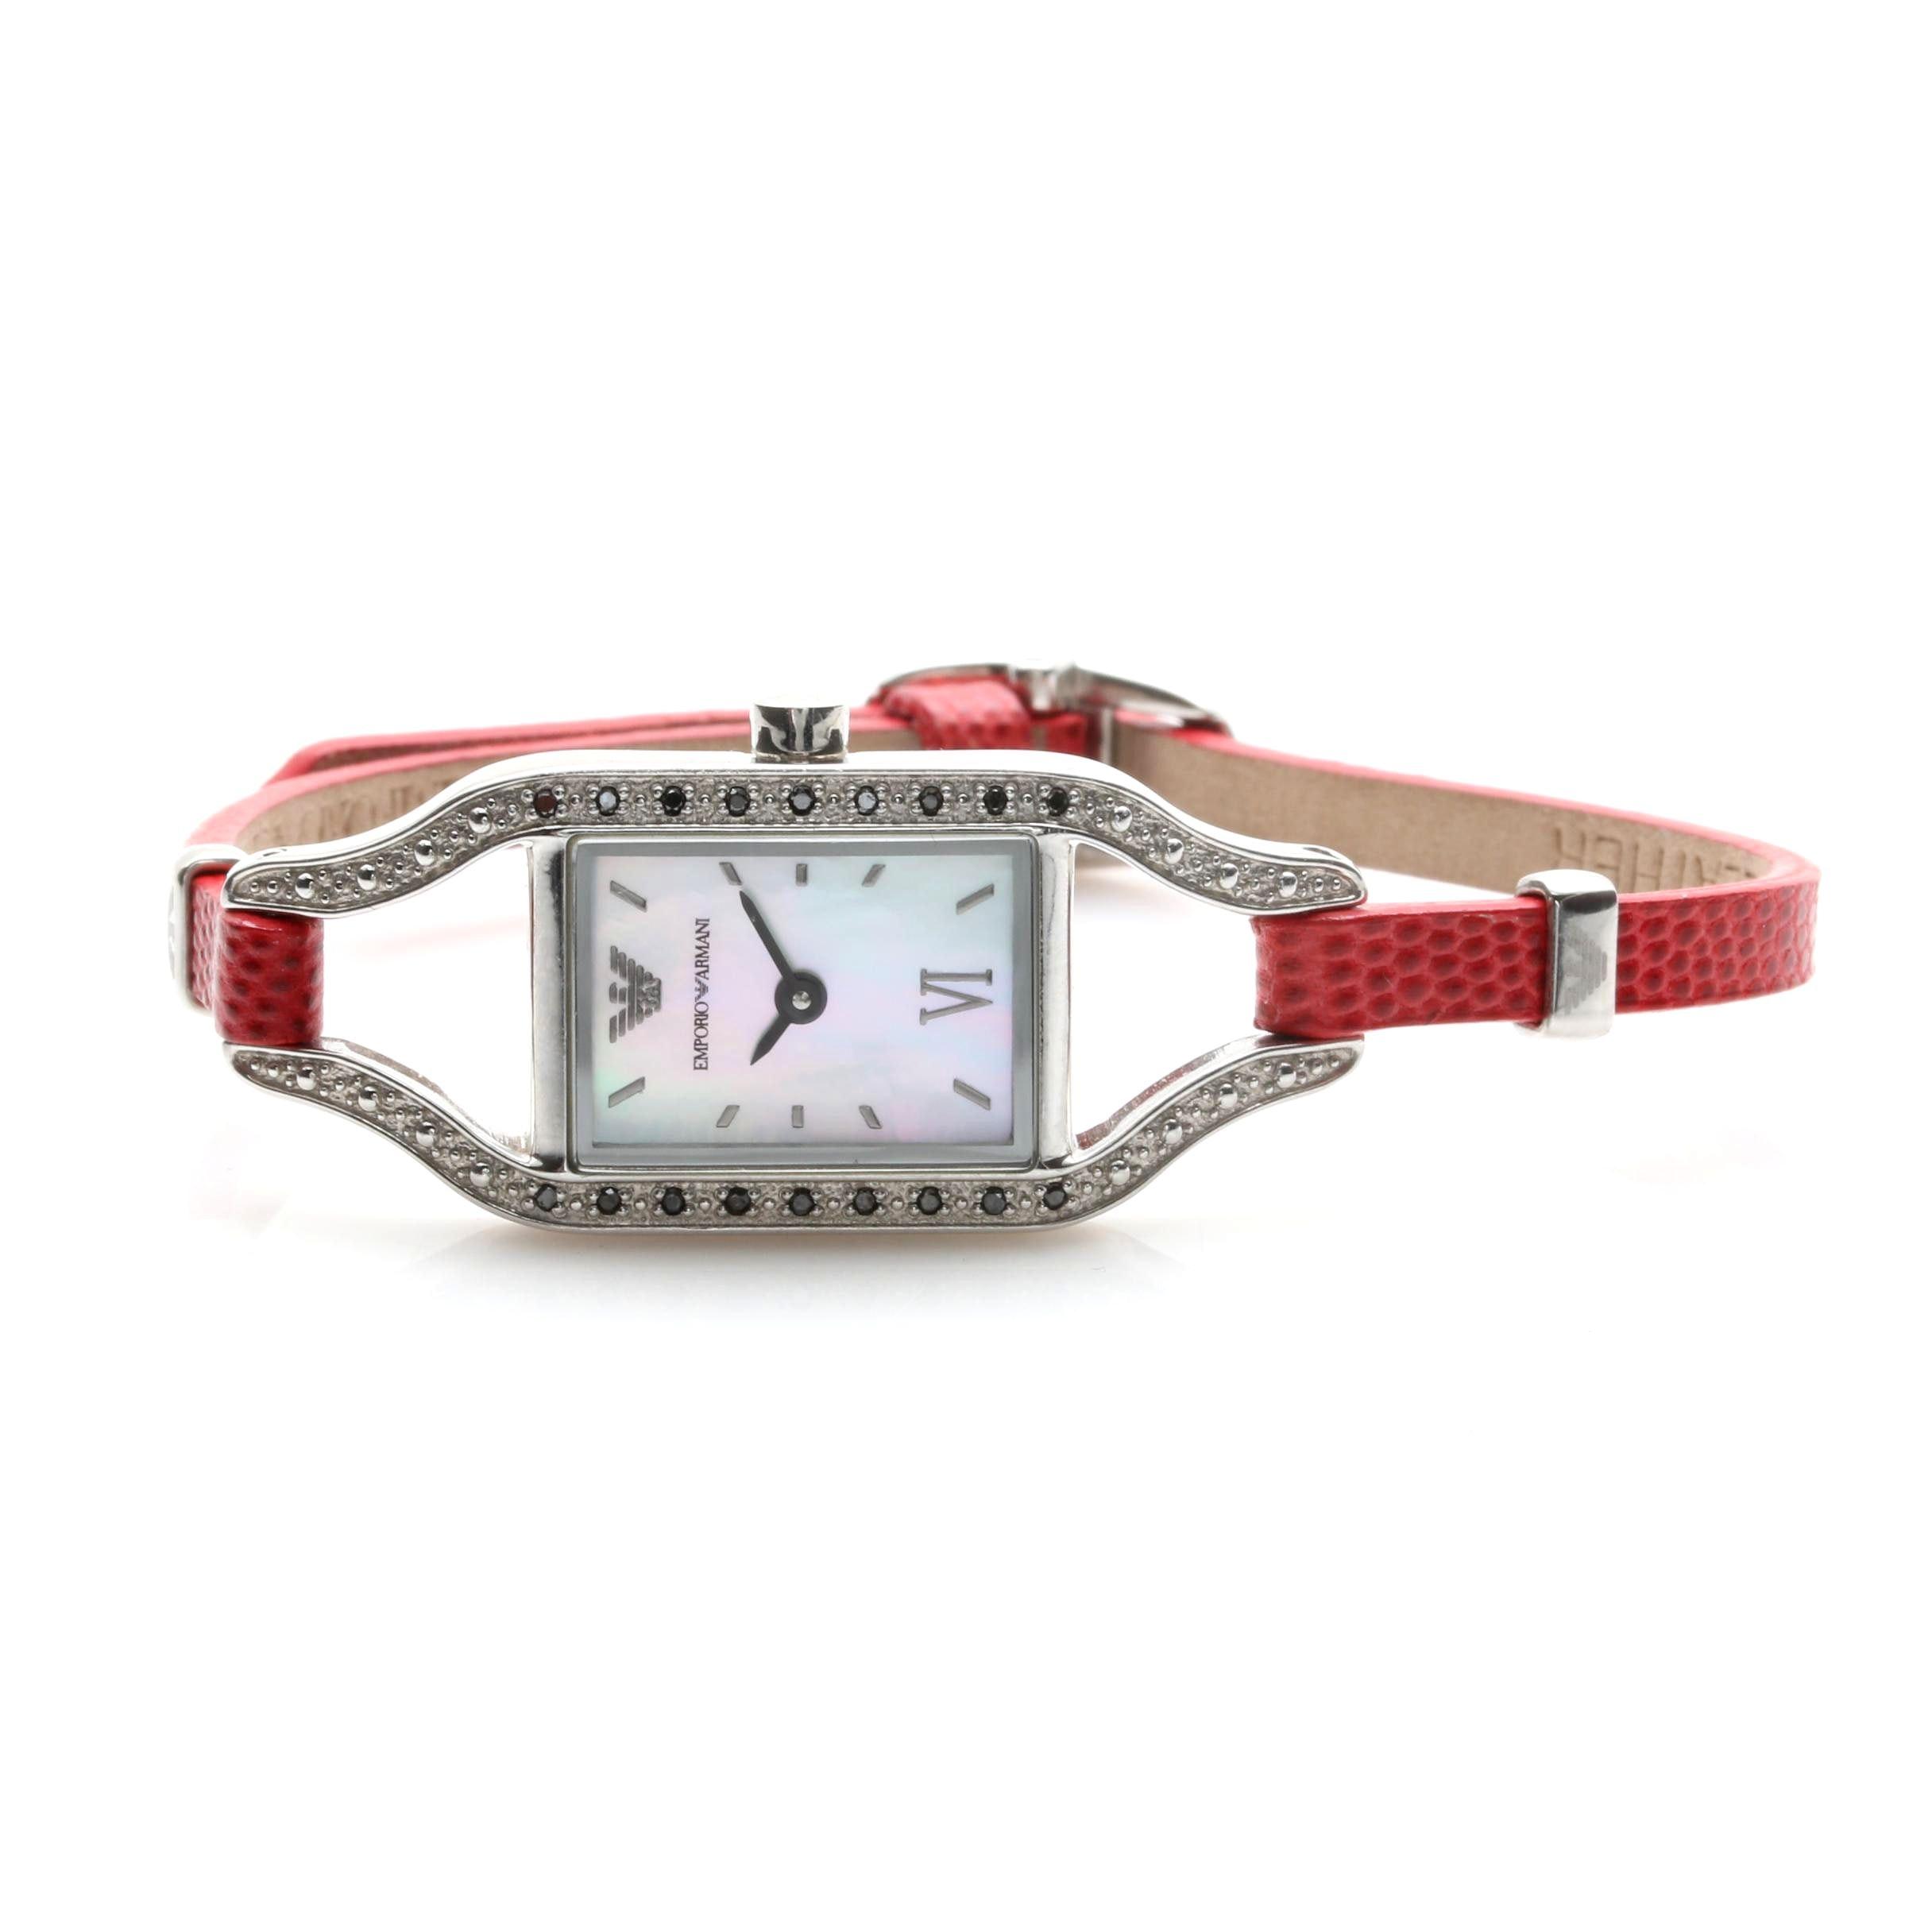 Emporio Armani Silver Tone and Diamond Accent Wristwatch